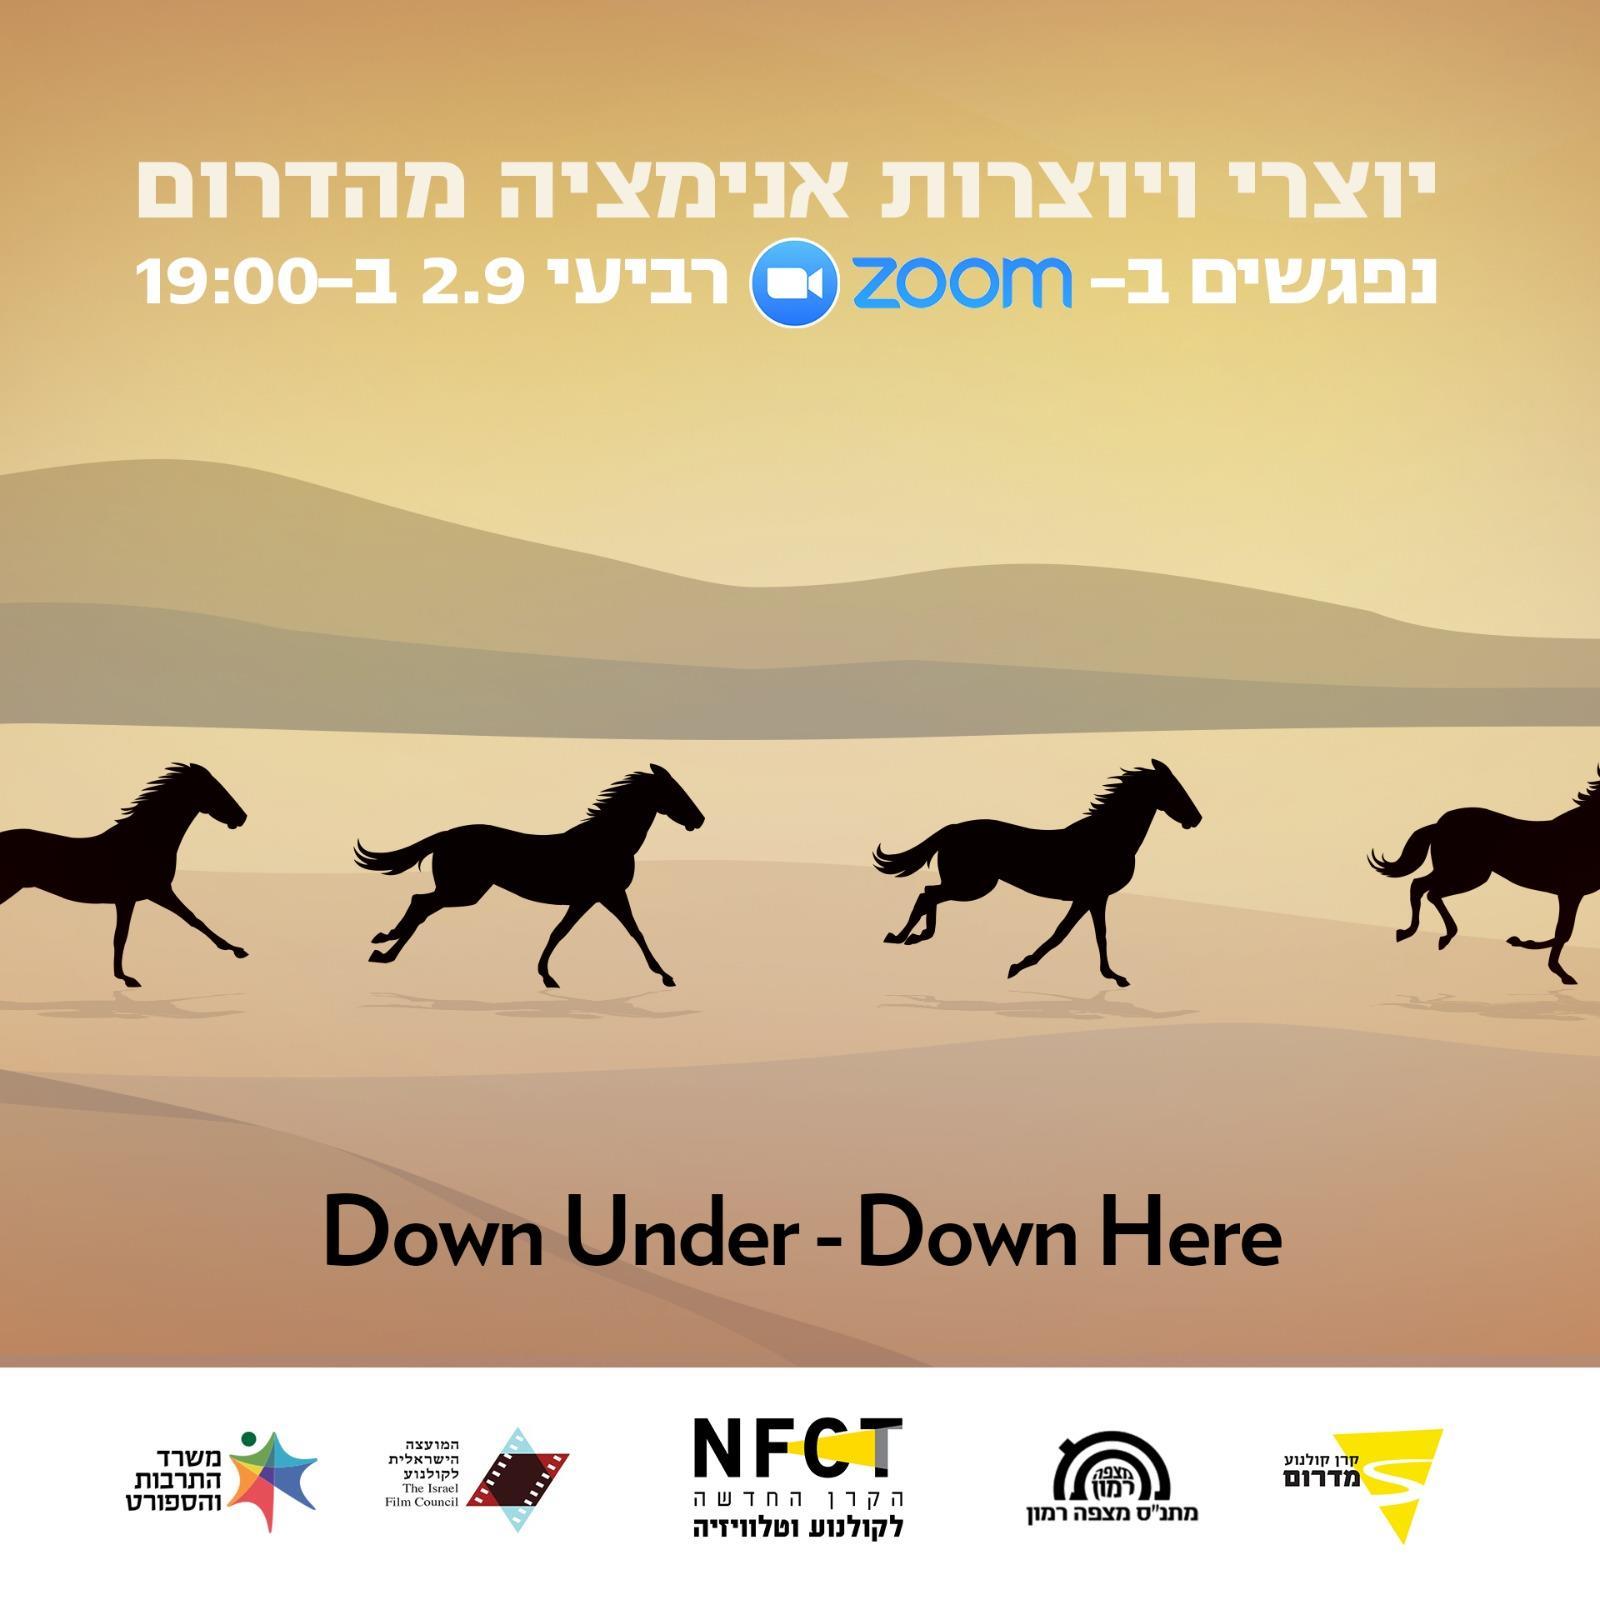 Down Under Down Here - מפגש ליוצרי ויוצרות אנימציה